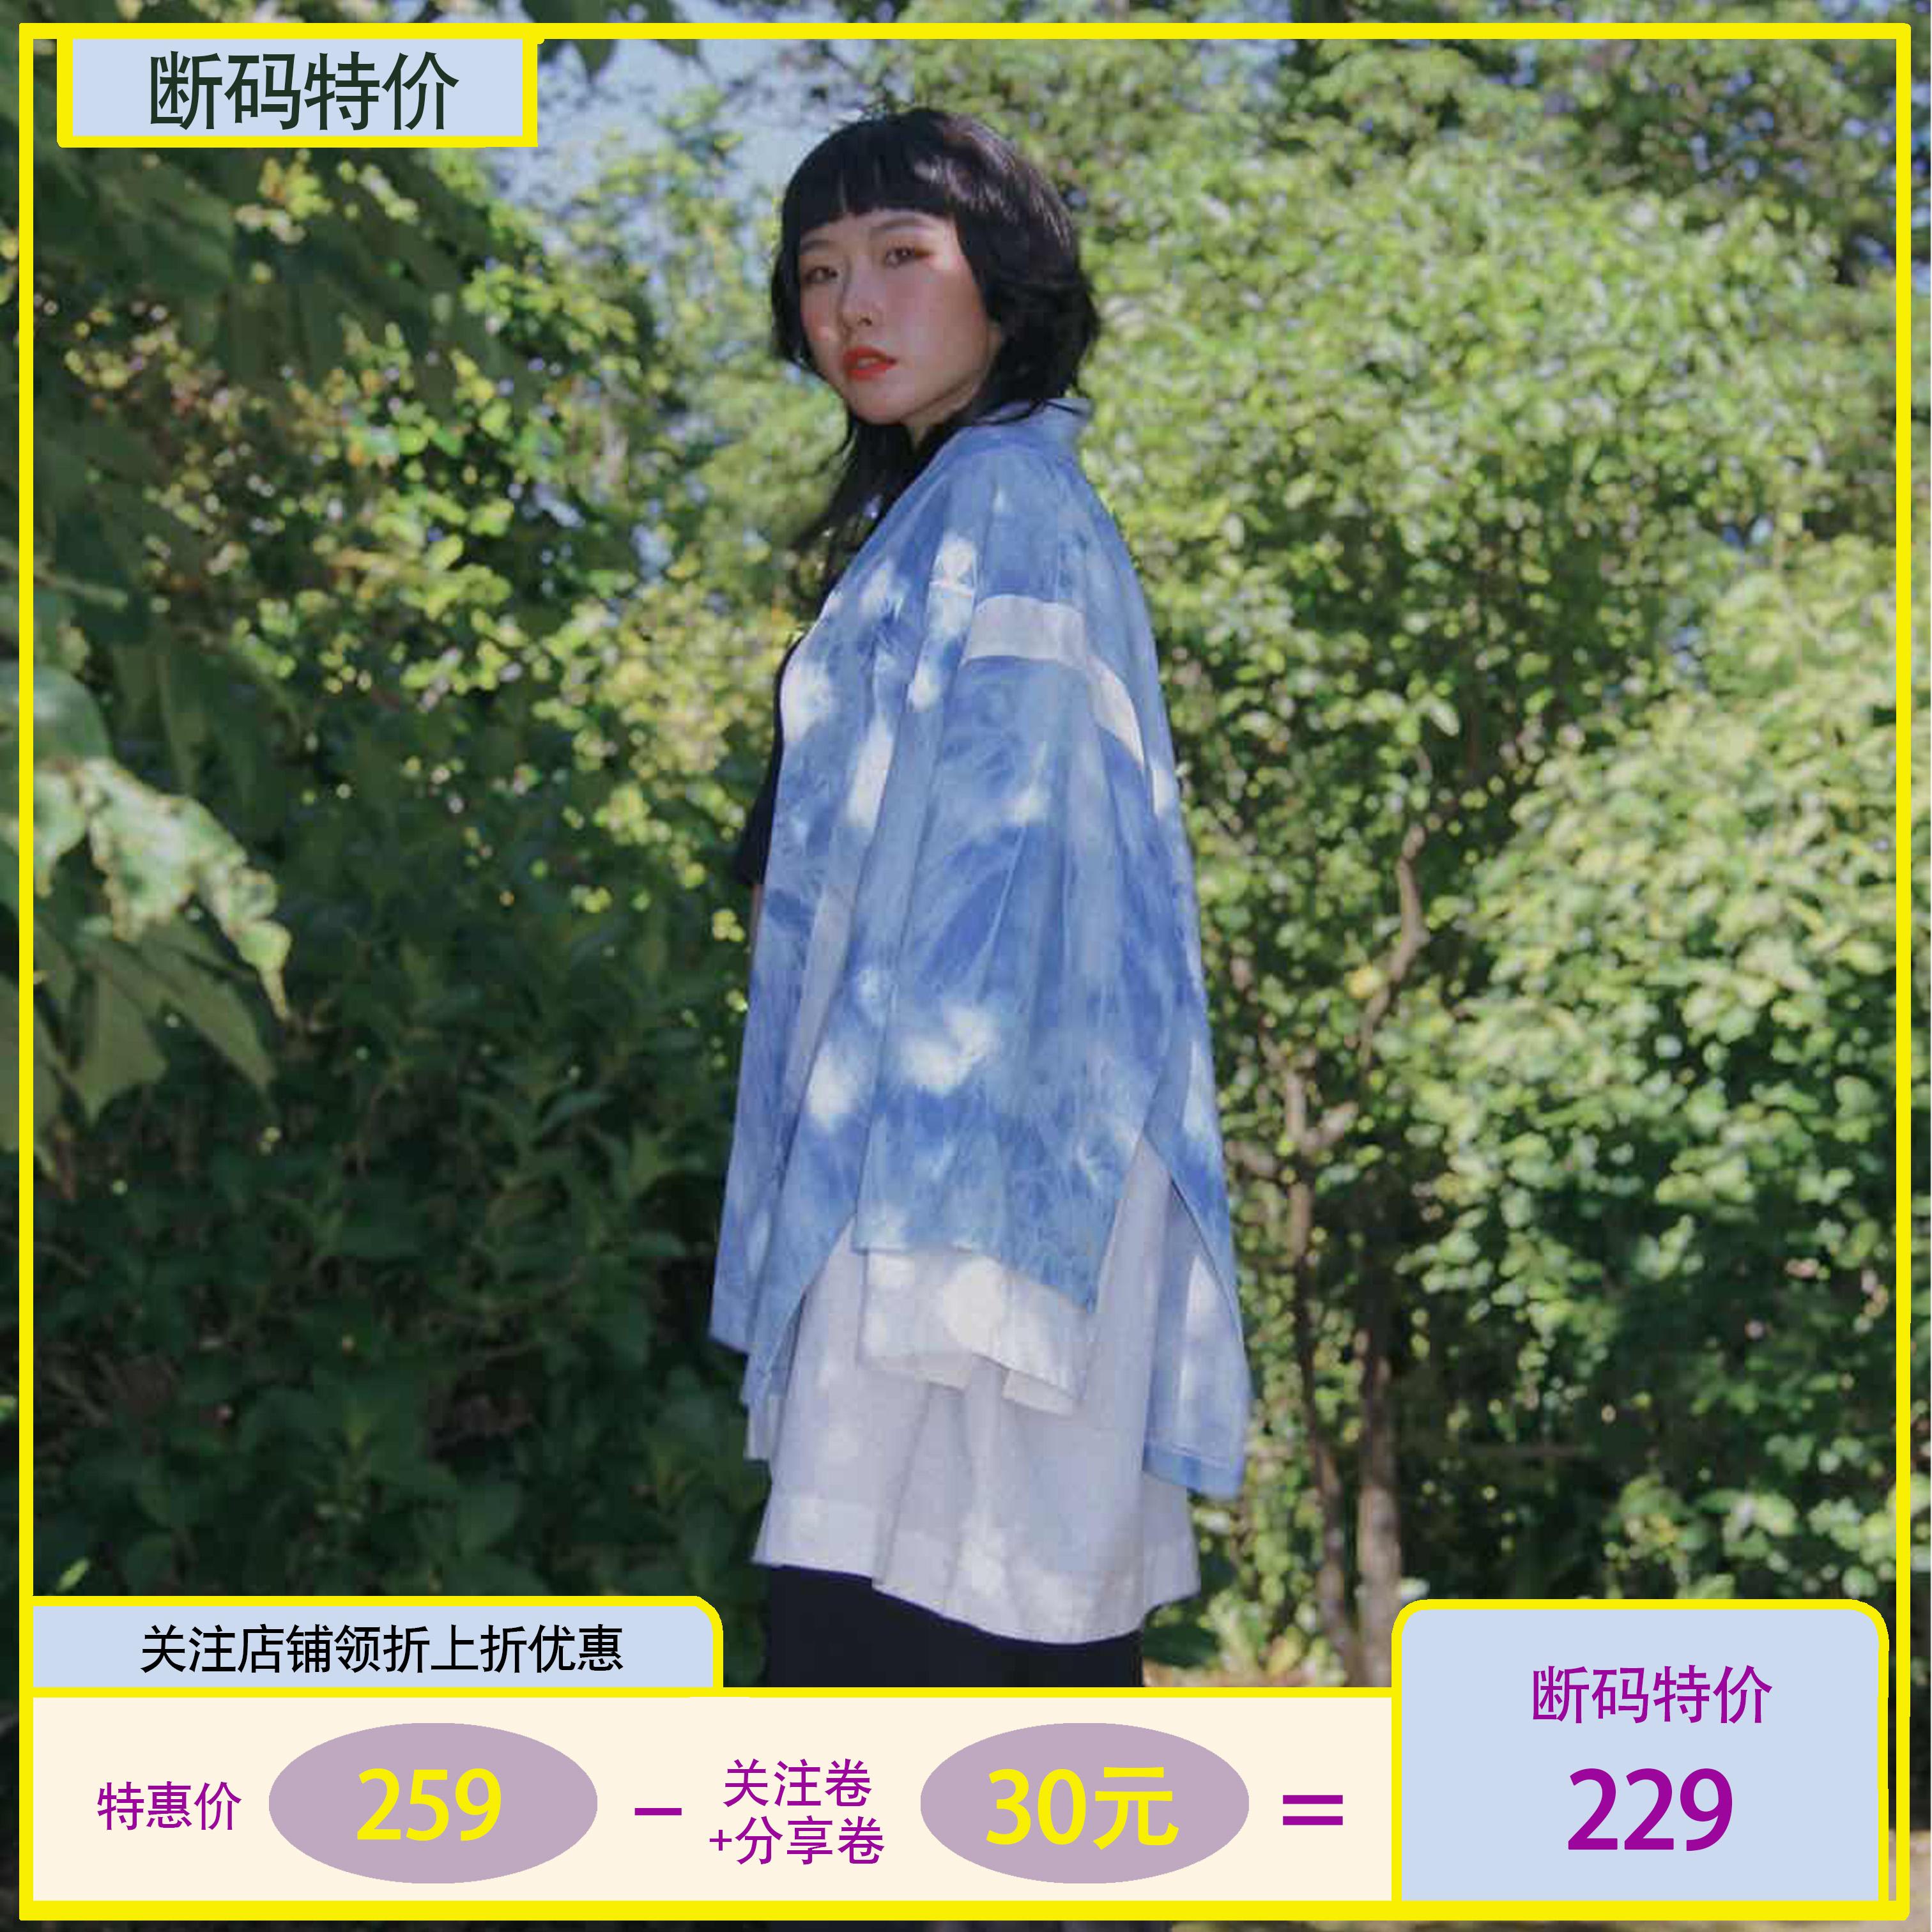 ANTI-REGOLAオリジナルデザインナーモデルの個性的でファッション的なデニムジャケットの女性偽ゆったりしたブラウス2枚